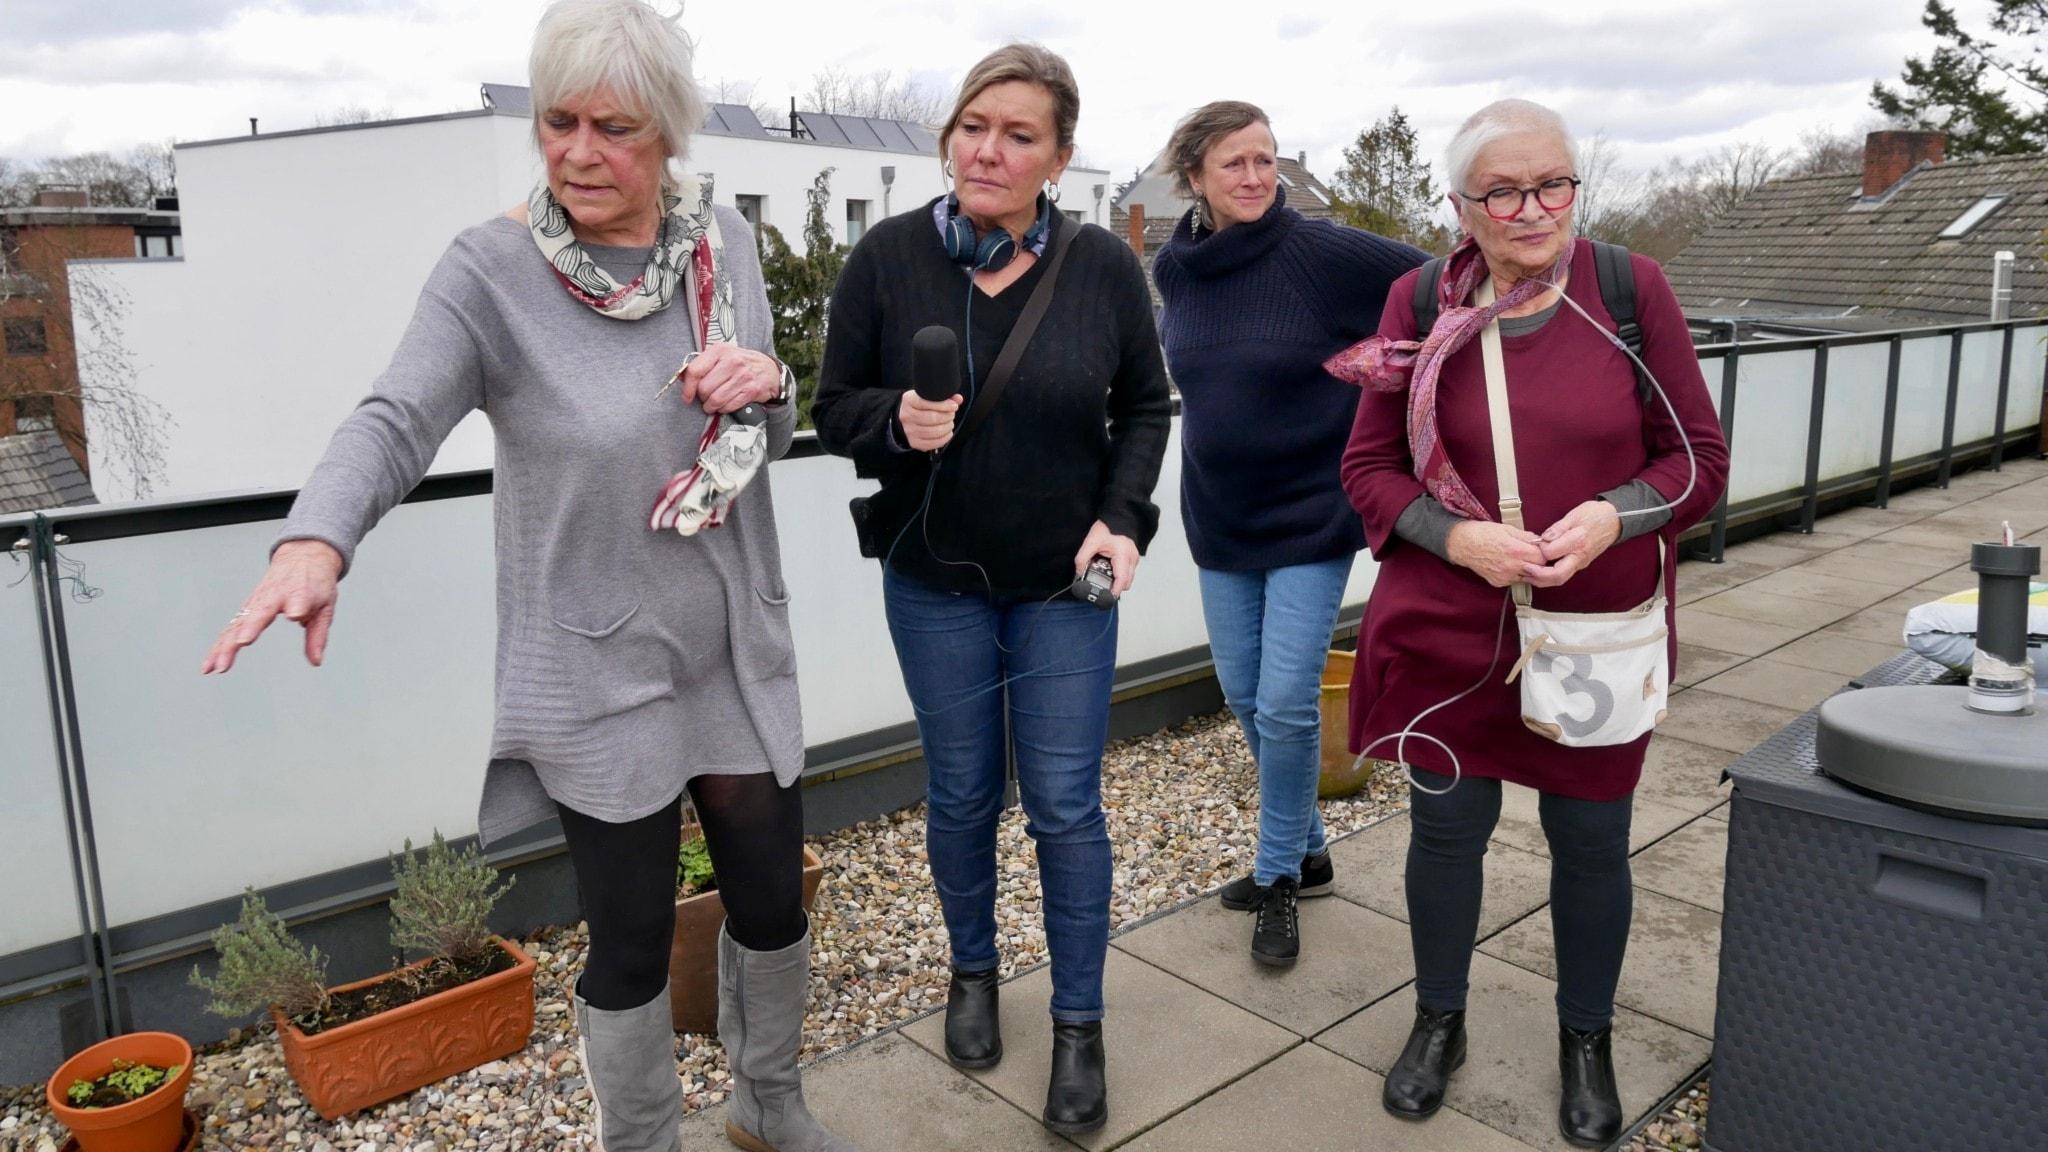 Casa Nueva, seniorboende för damer i Hamburg. Elke Voss, programledare Agneta och Christine Behrens, Roswitha Klaassen